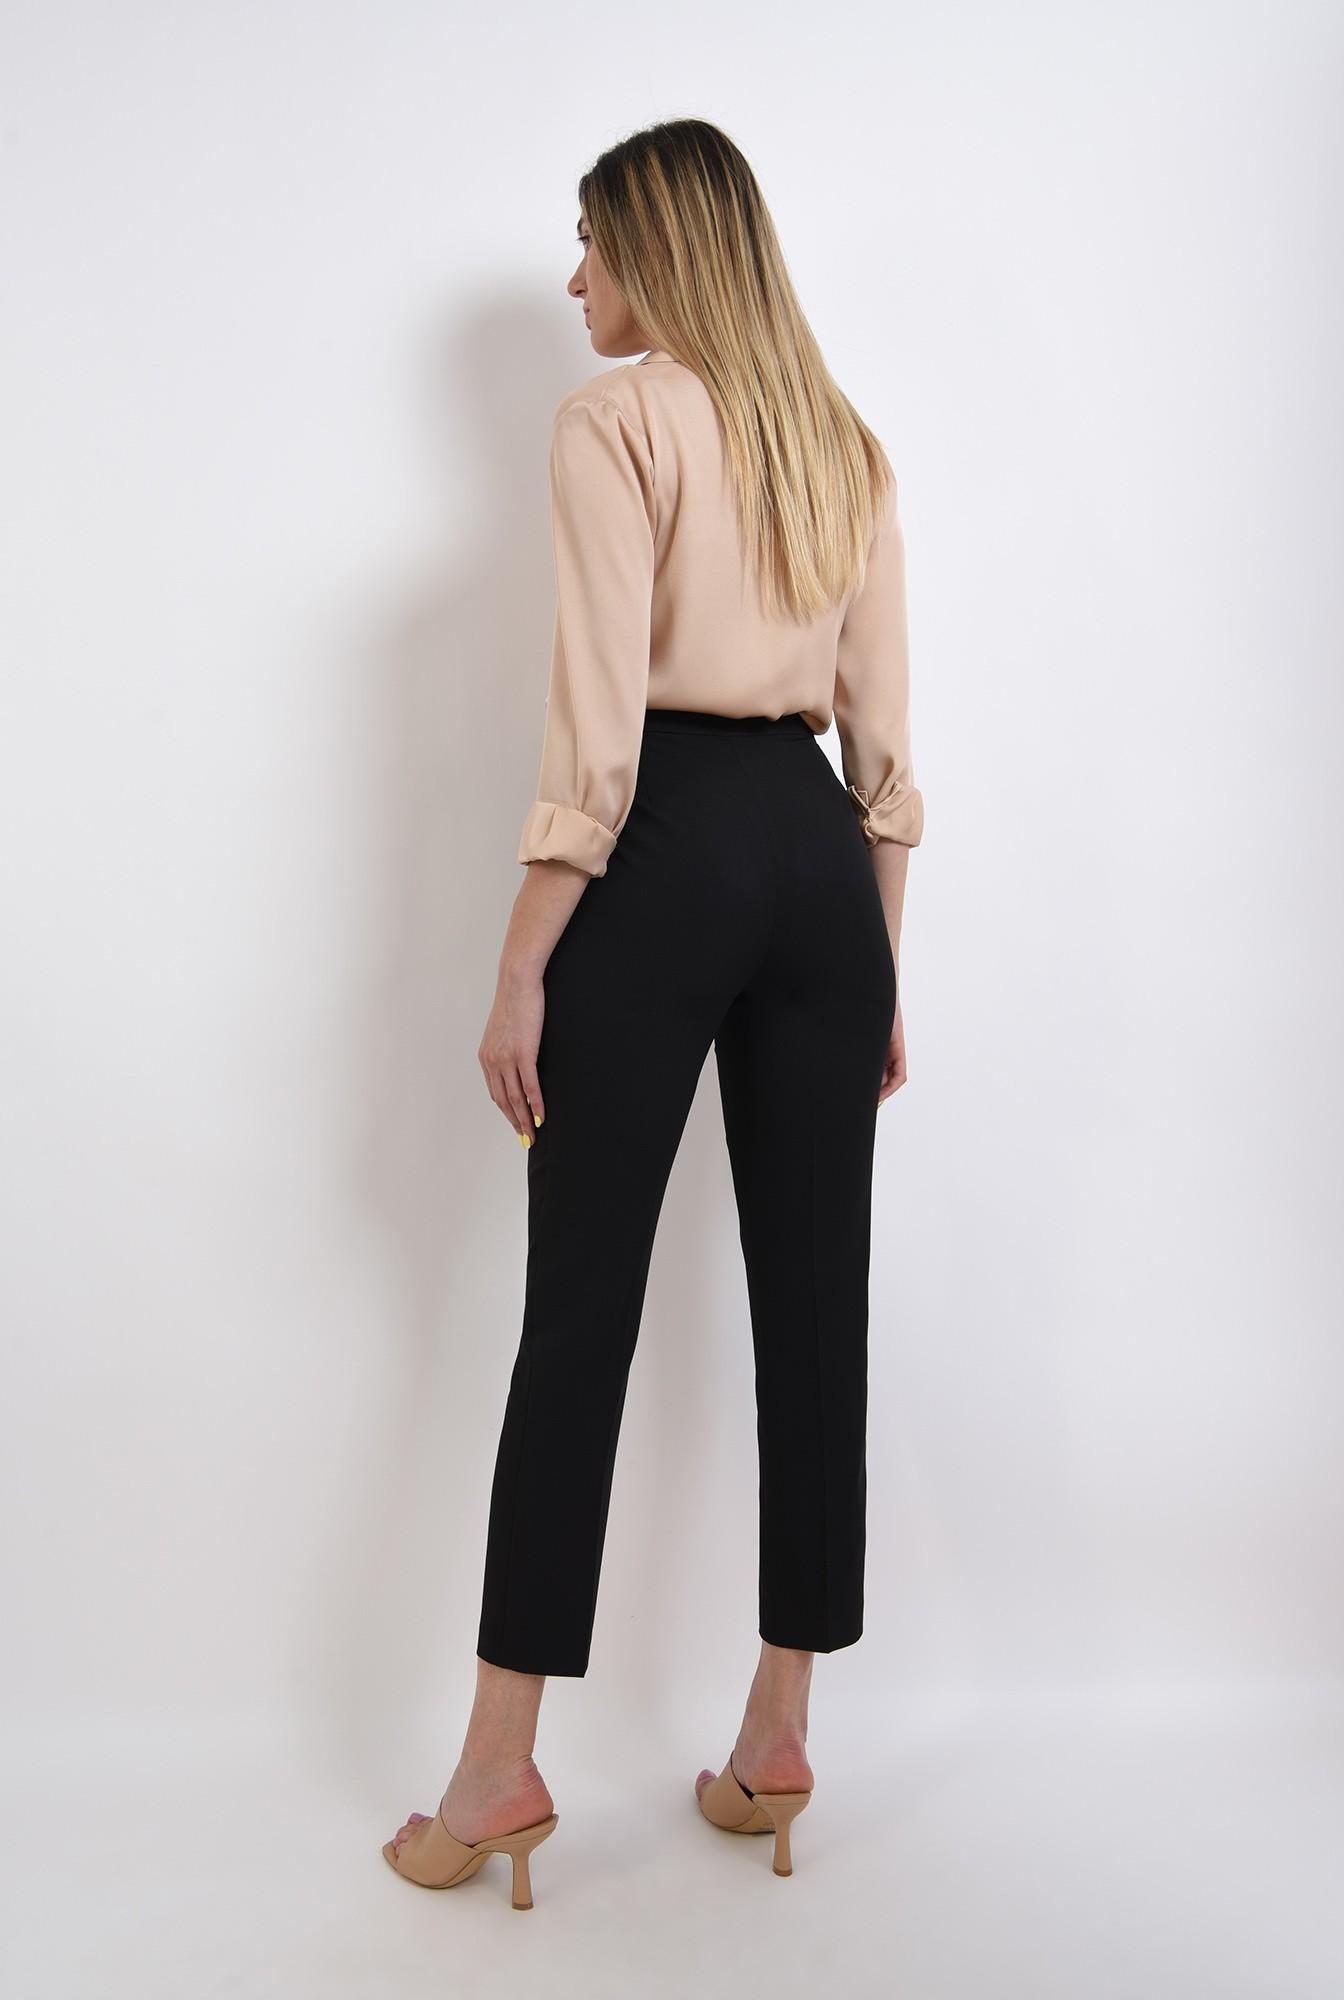 2 - pantaloni tigareta, negri, conici, cu buzunare